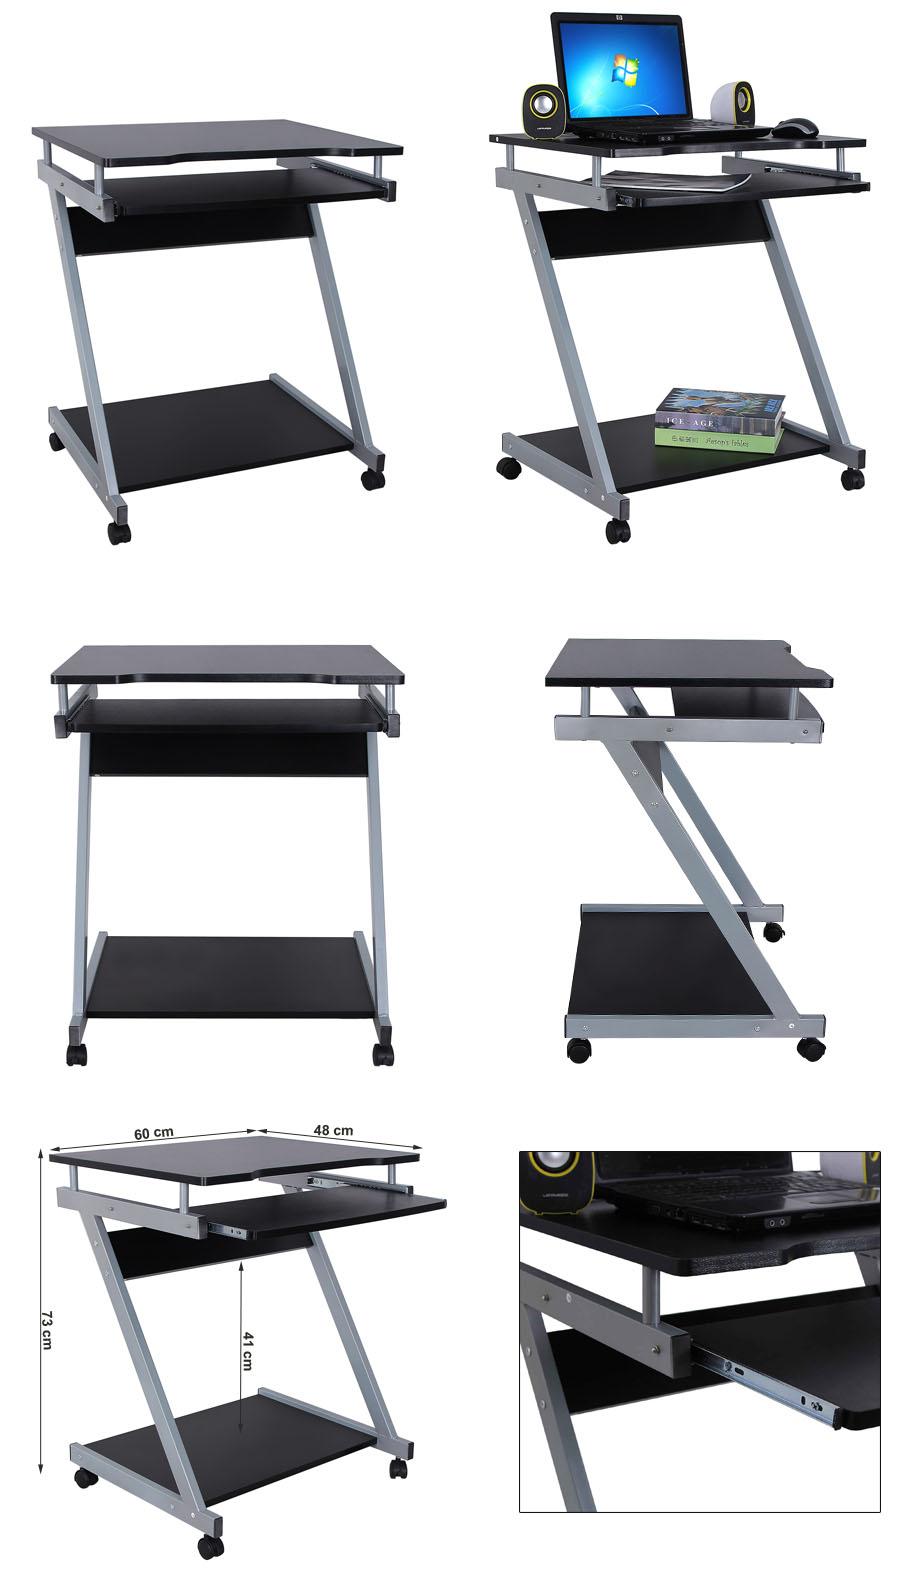 schreibtisch b rotisch computertisch computerwagen pc tisch auf rollen lcd811b ebay. Black Bedroom Furniture Sets. Home Design Ideas